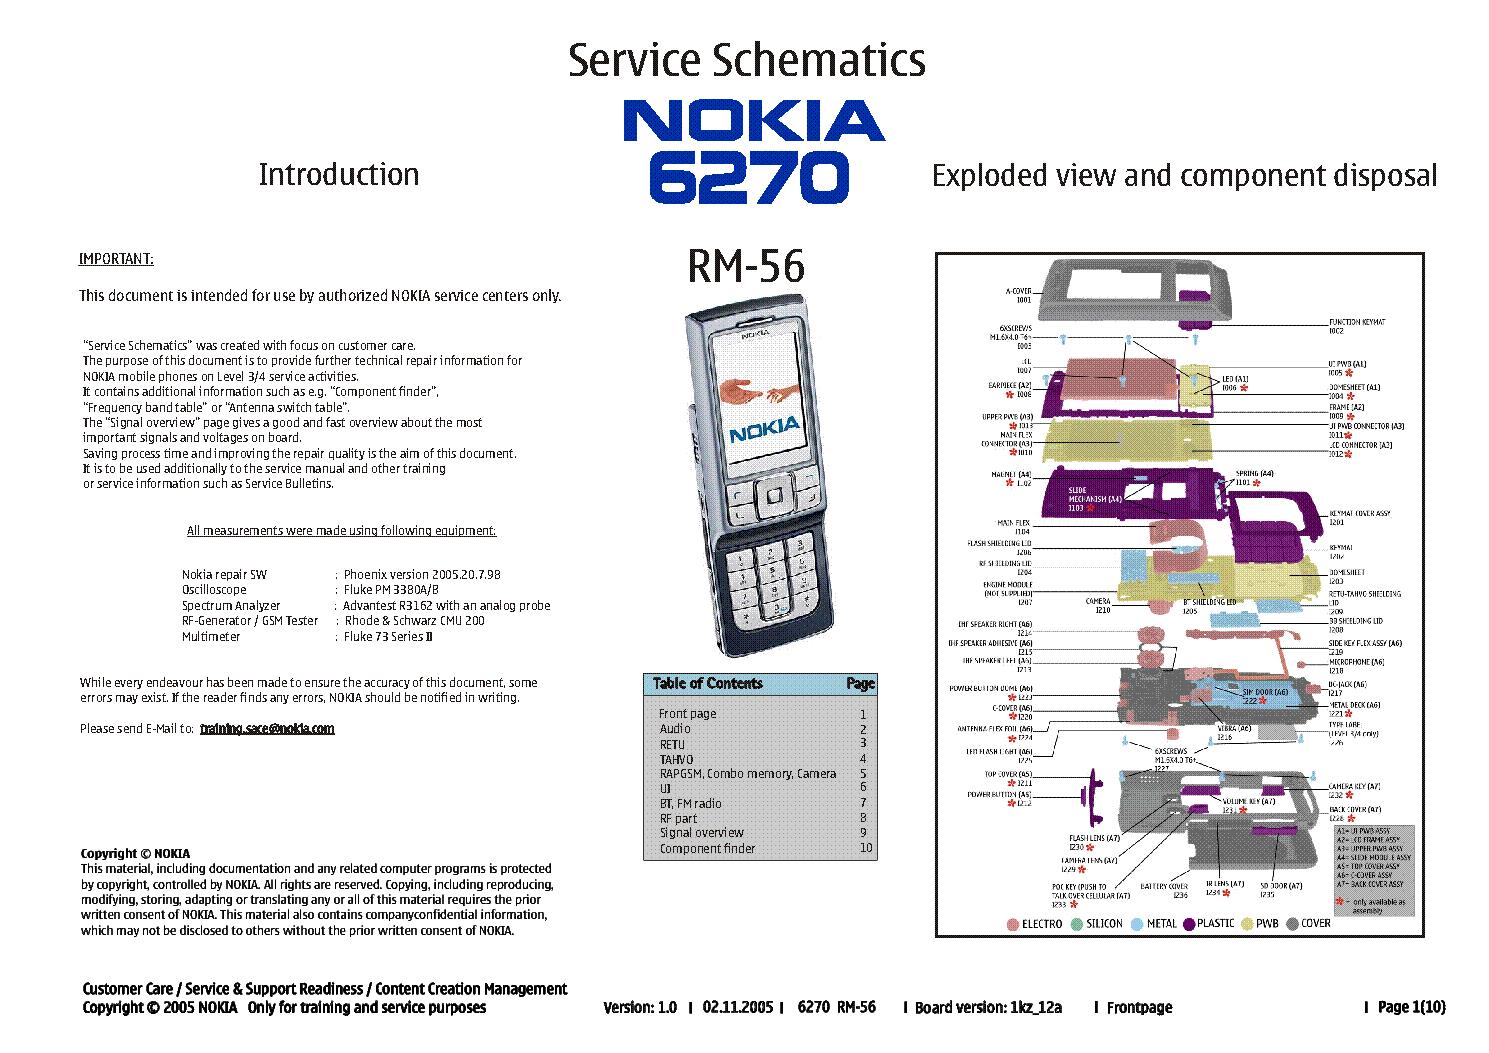 Инструкция для нокиа 6270